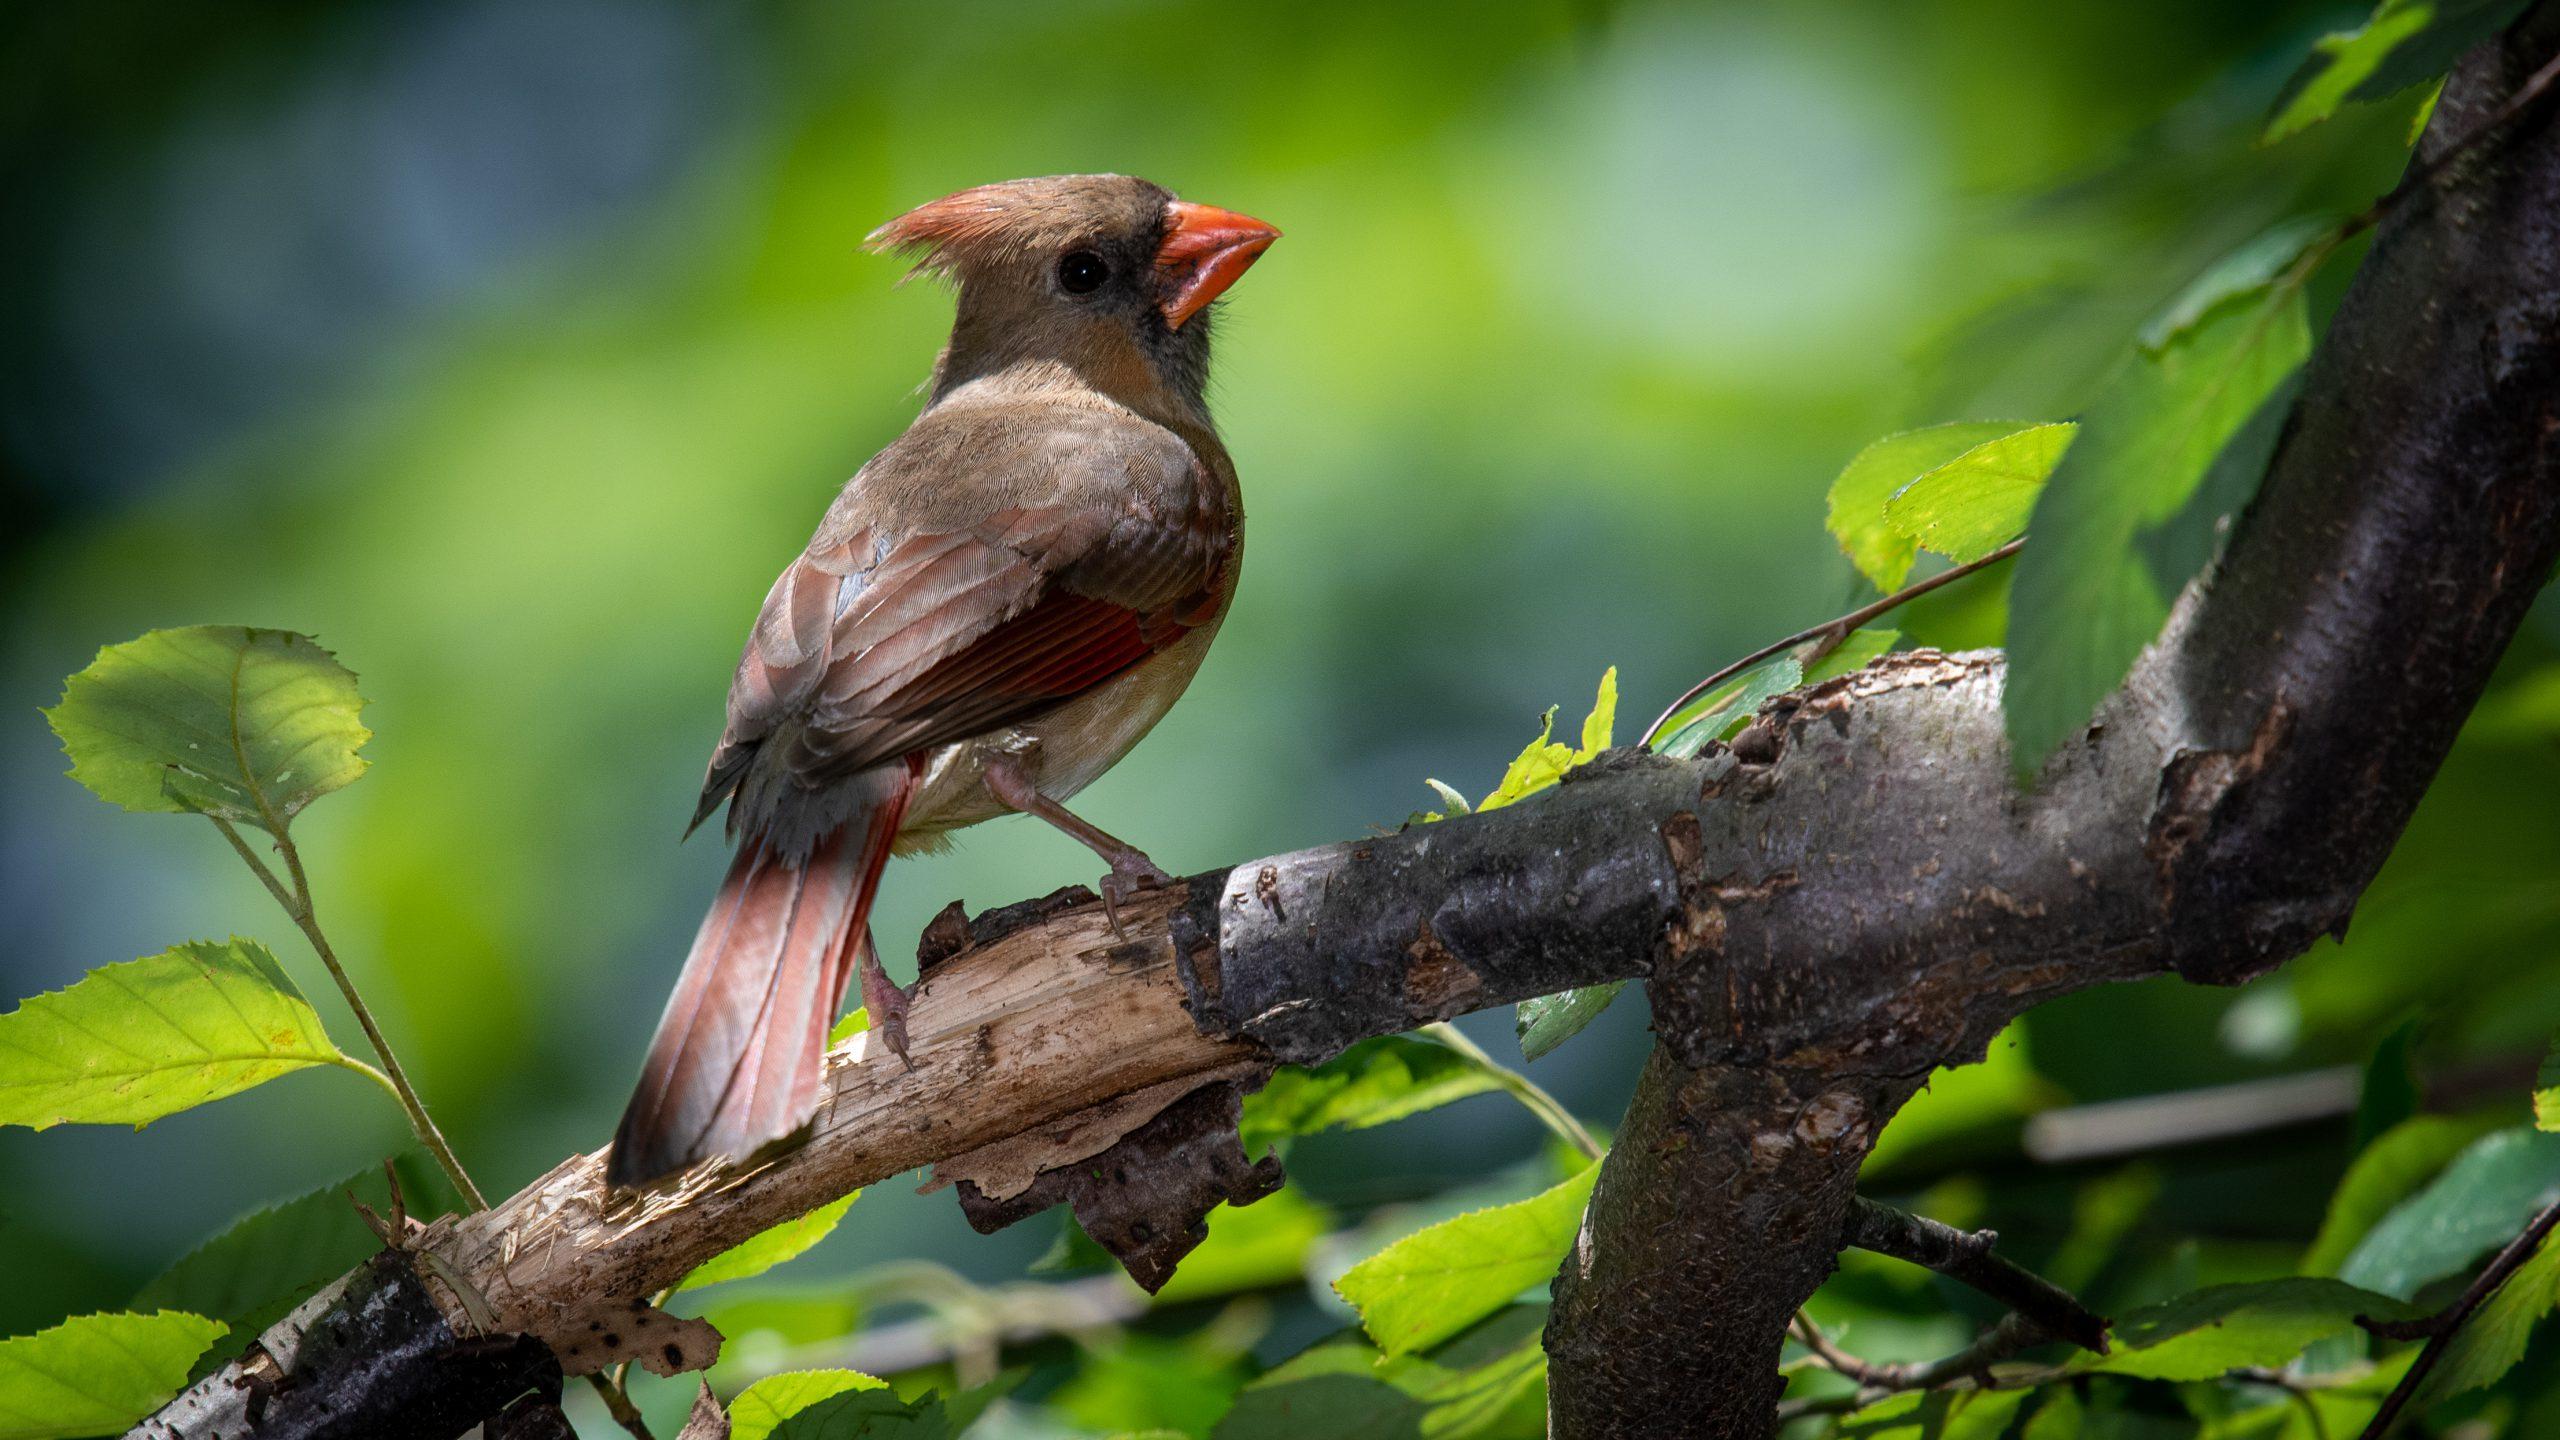 Πουλιά άλλαξαν το «τραγούδι» τους κατά τη διάρκεια του lockdown, σύμφωνα με  έρευνα - bybus.gr